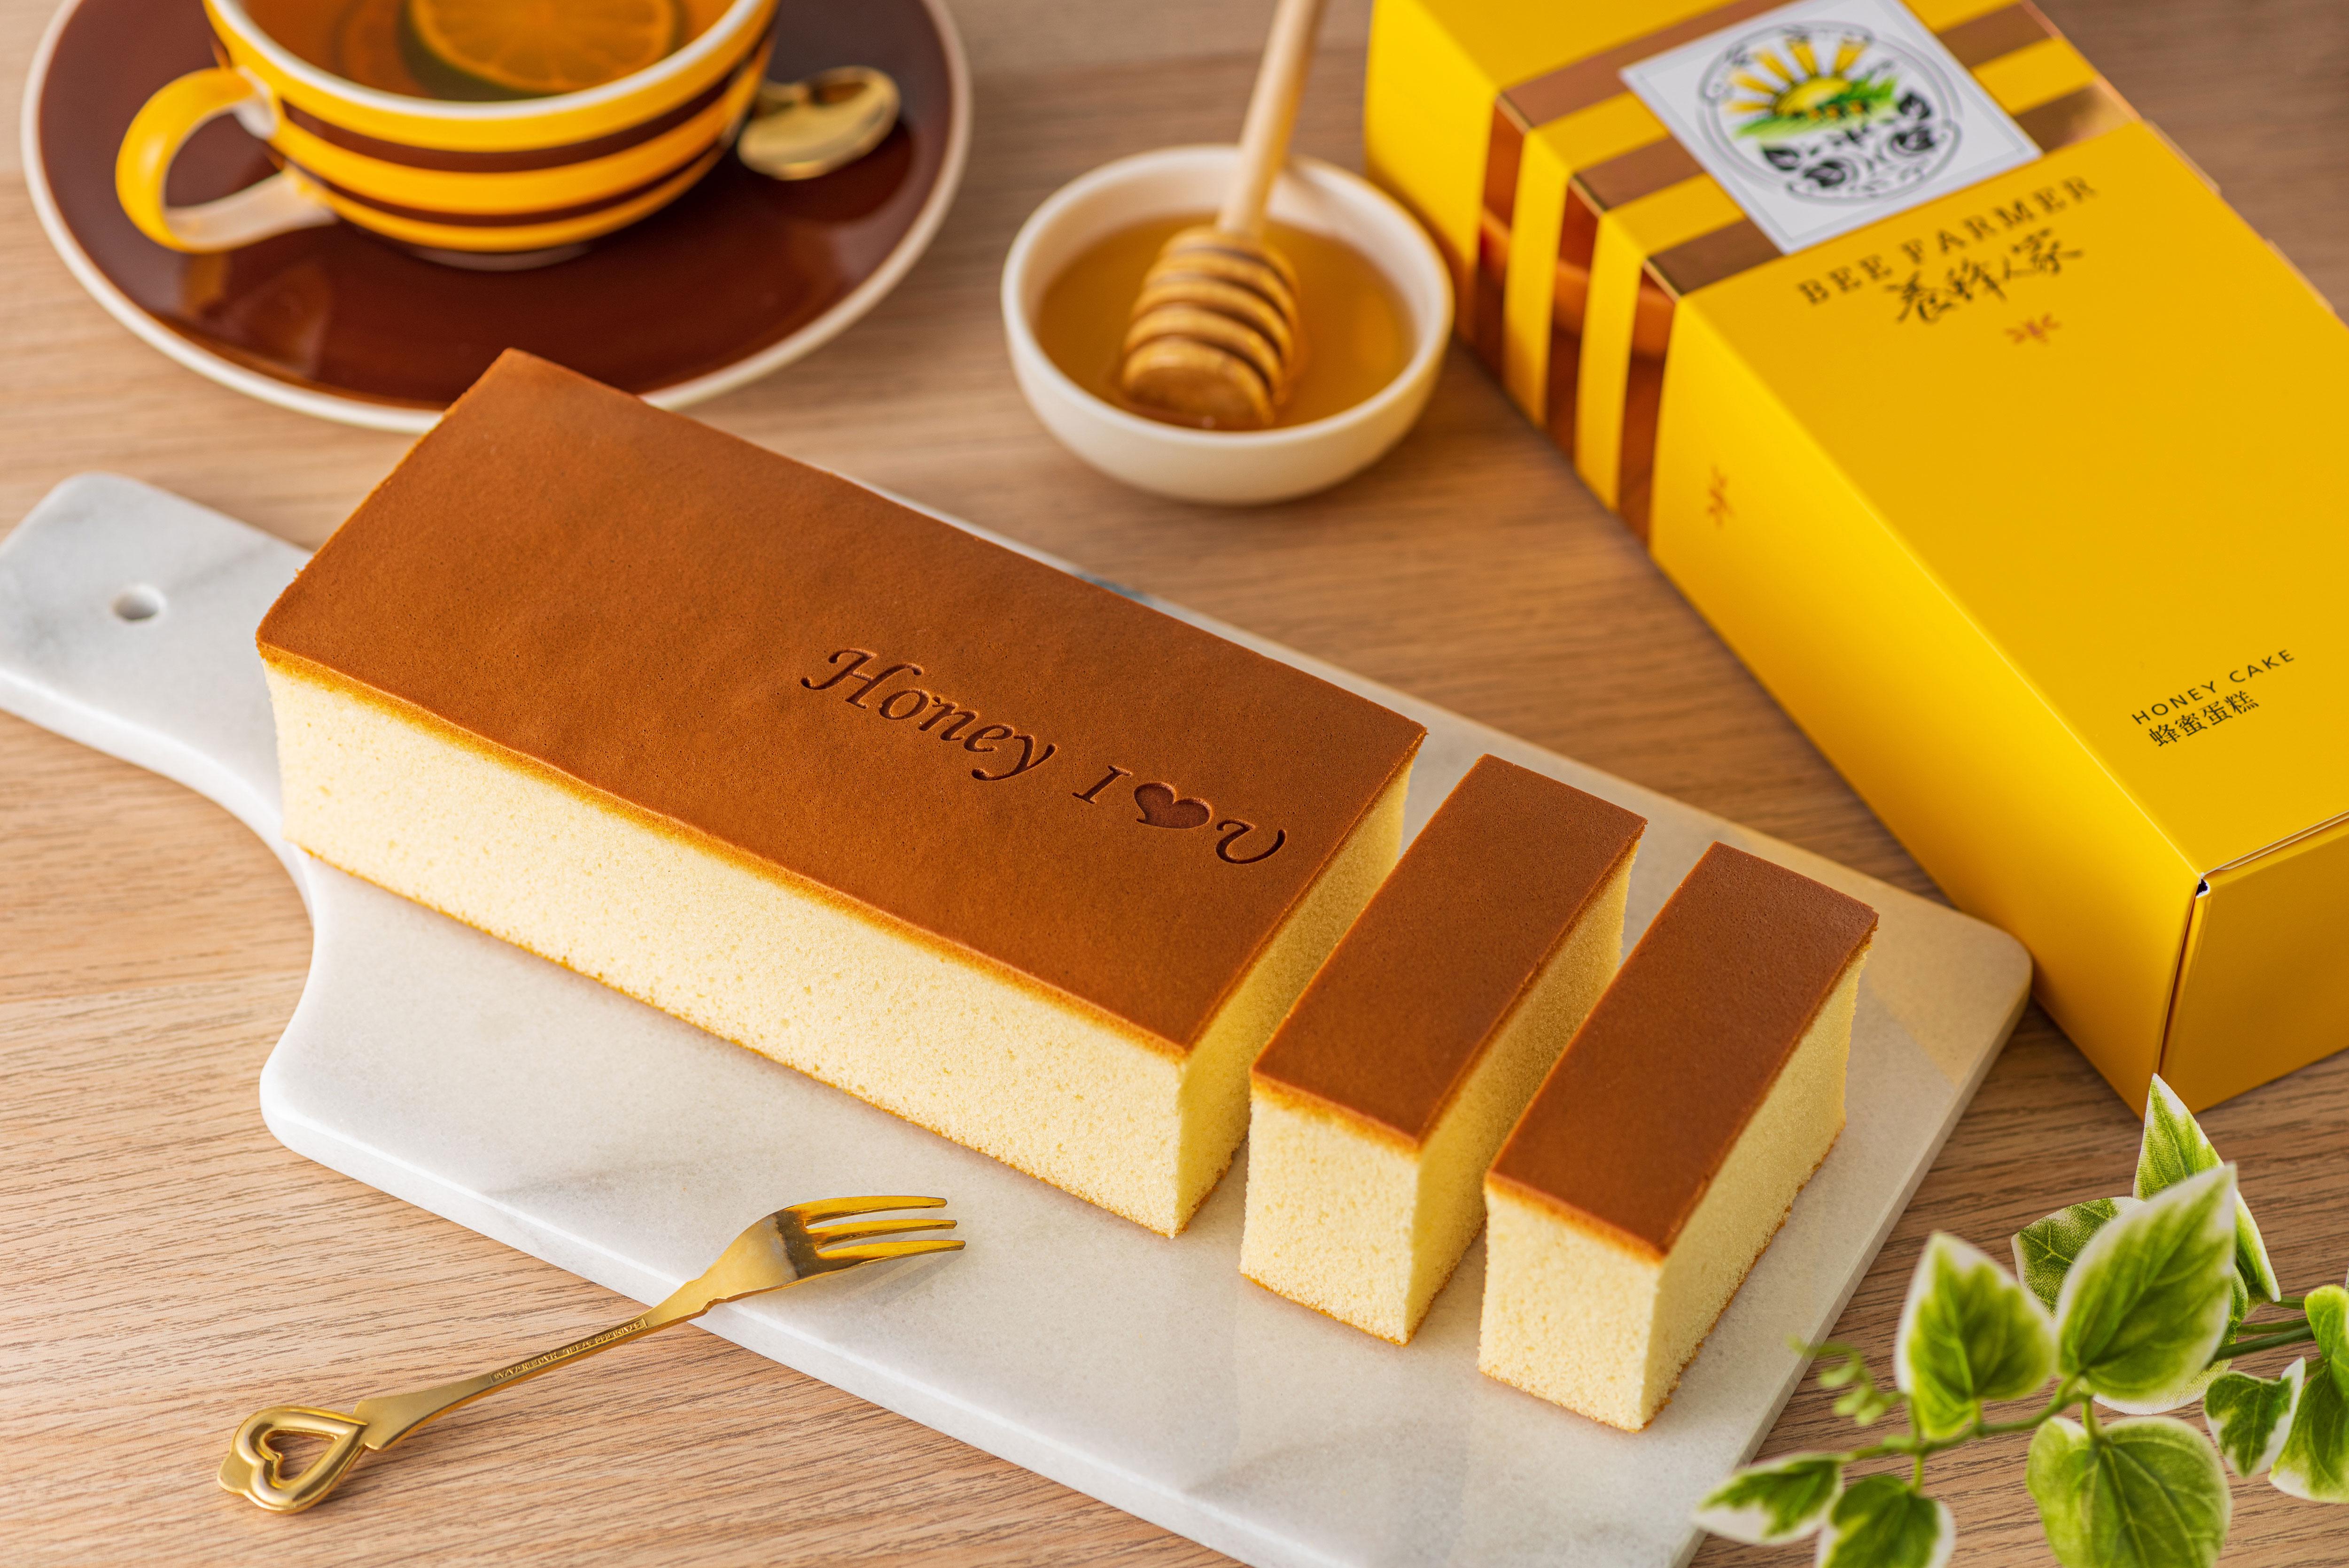 蜂蜜蛋糕480g  手工製作/蛋糕/甜點/下午茶/蜂蜜蛋糕首選【養蜂人家】